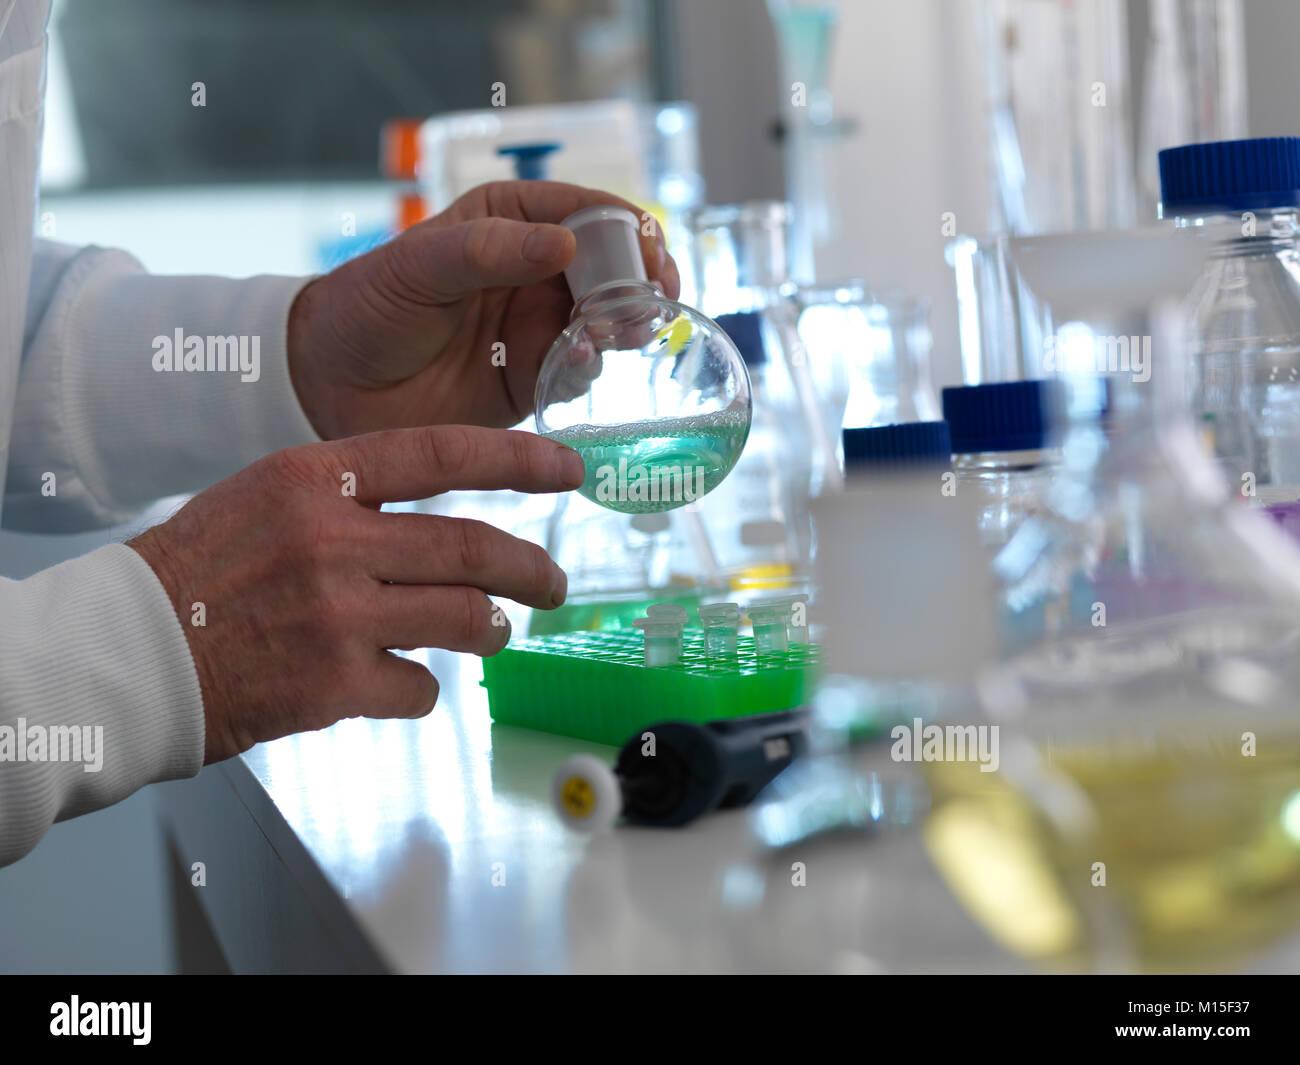 Modelo liberado. Experimento de biotecnología. Scientist preparando una fórmula química en un frasco Imagen De Stock